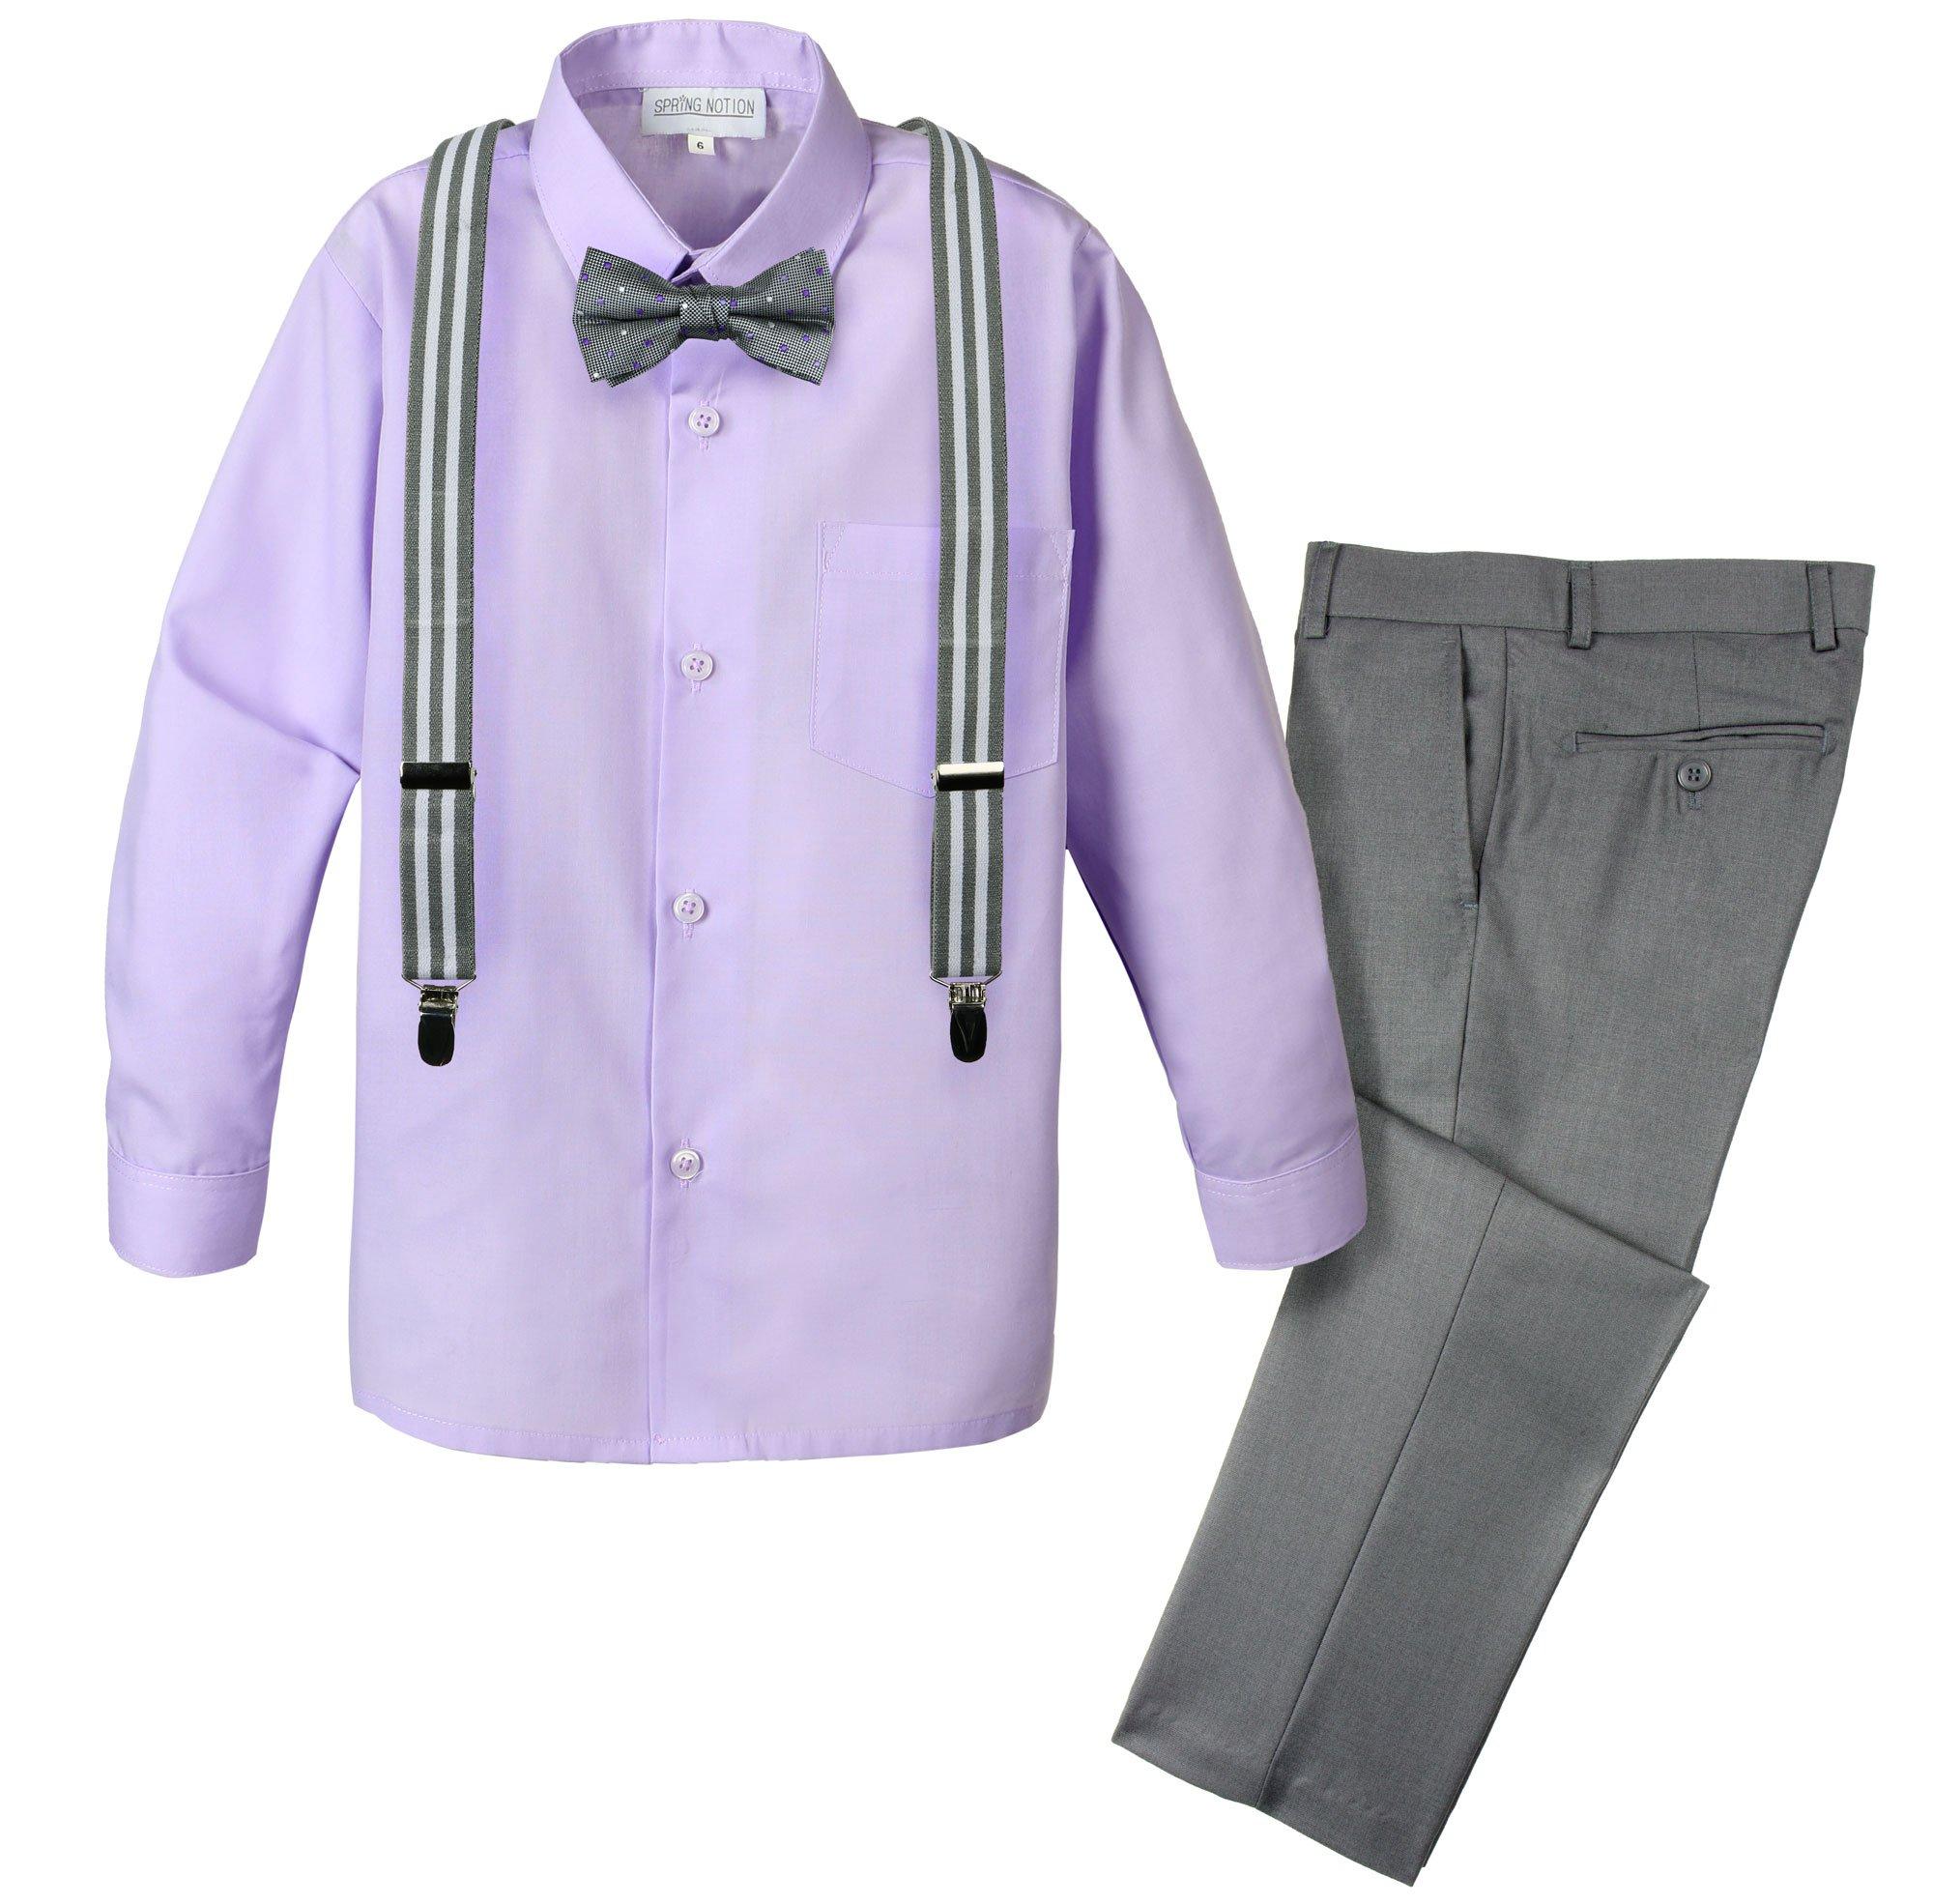 Spring Notion Boys' 4-Piece Patterned Dress up Pants Set 8 Grey/Lilac